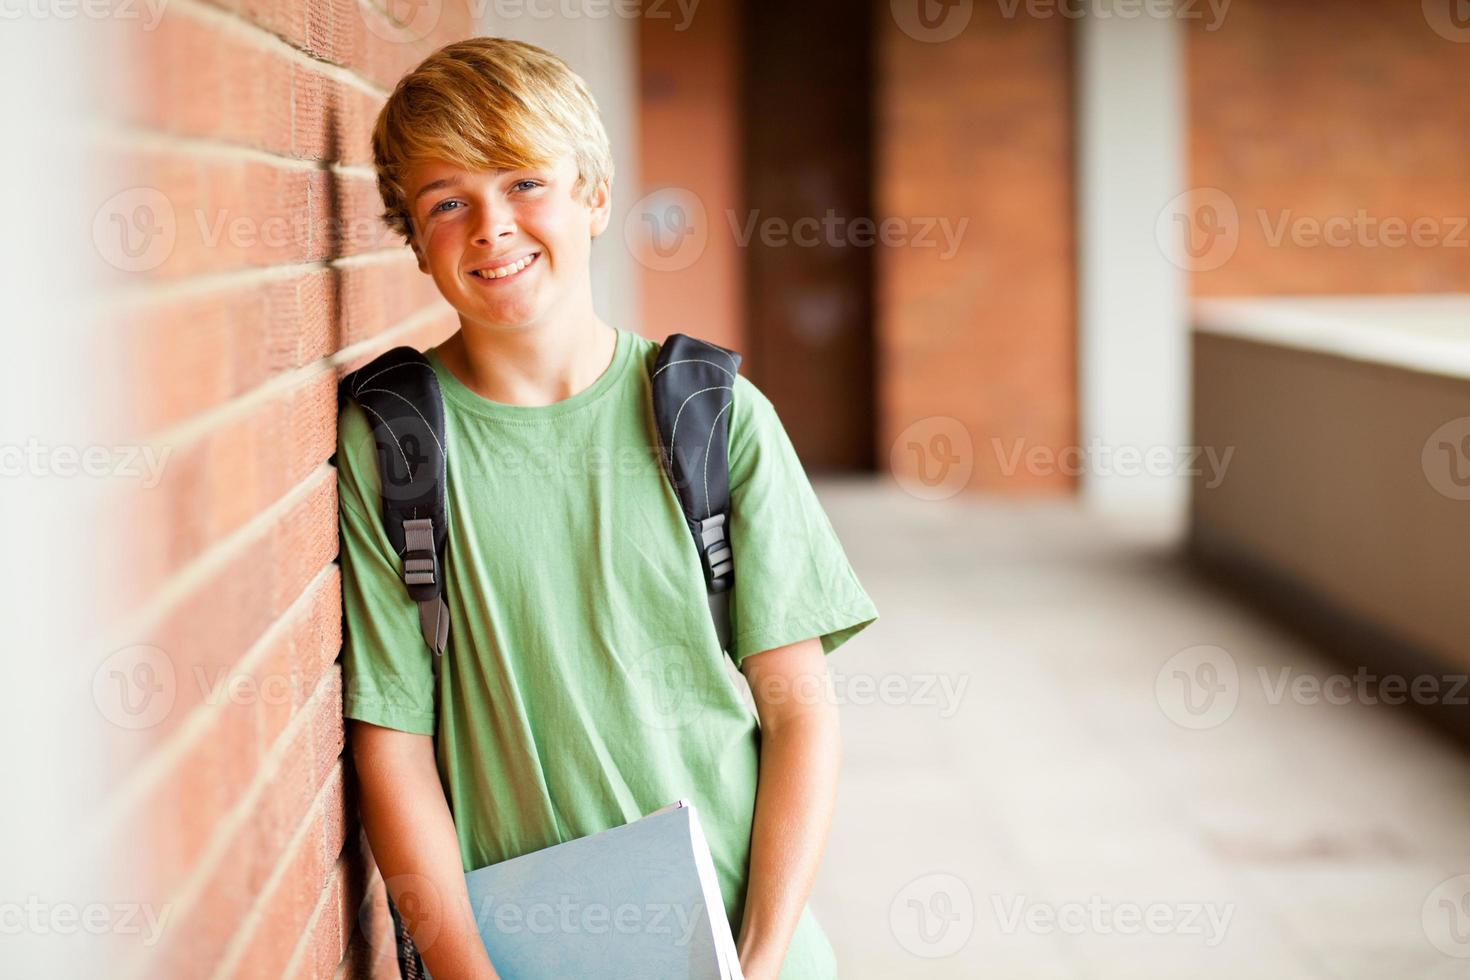 étudiant adolescent à l'école photo